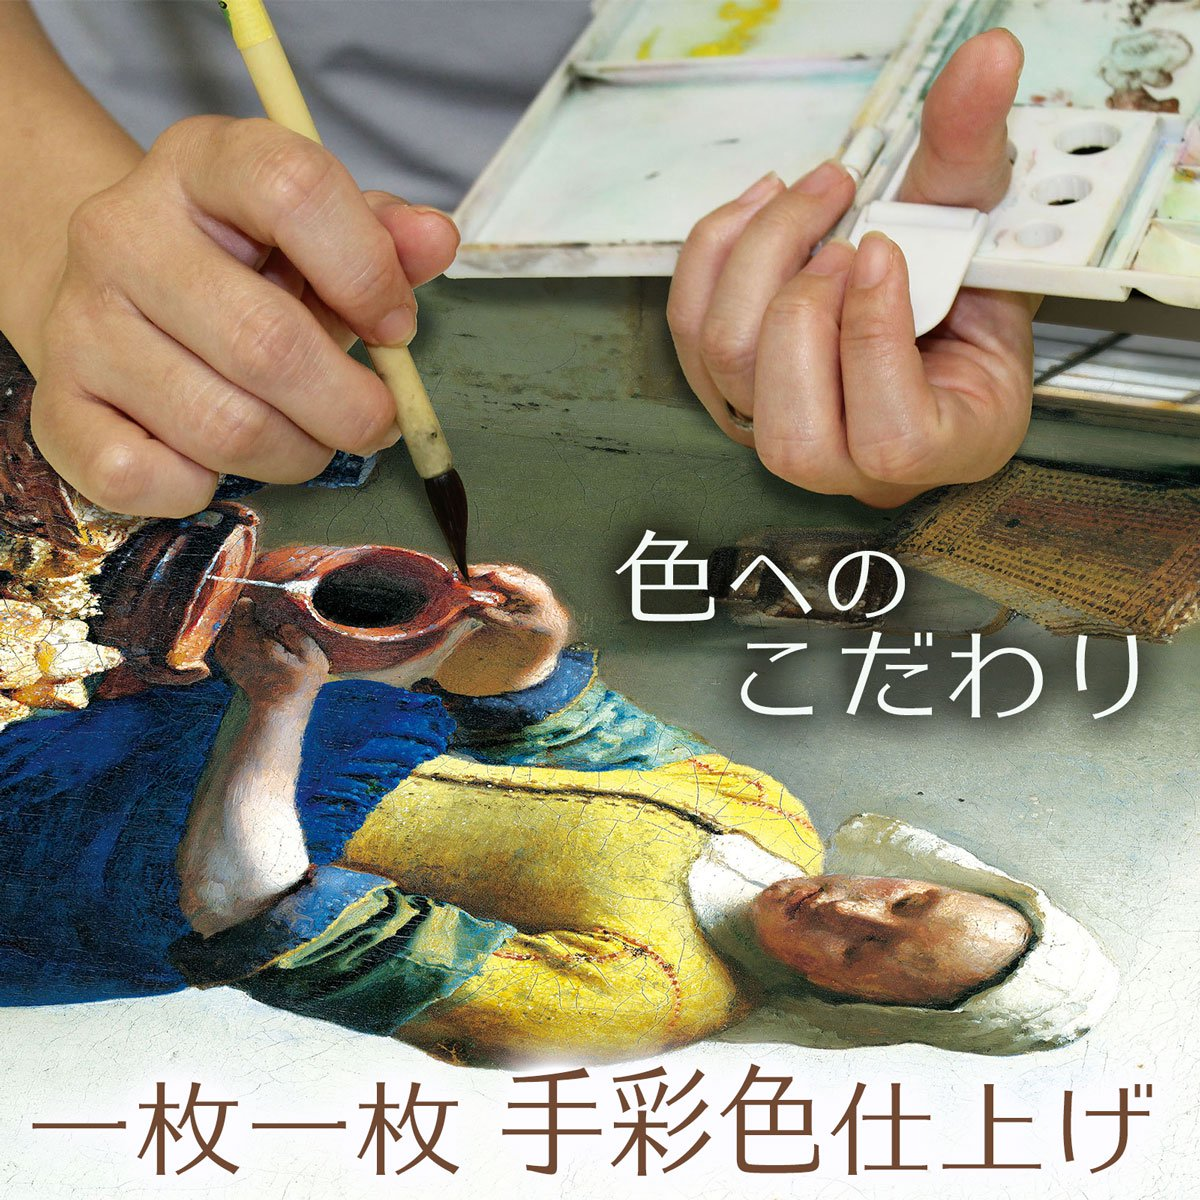 日本の名画 日本画 紅葉小禽図(こうようしょうきんず) 伊藤 若冲 手彩仕上 高精細巧芸画 Mサイズ